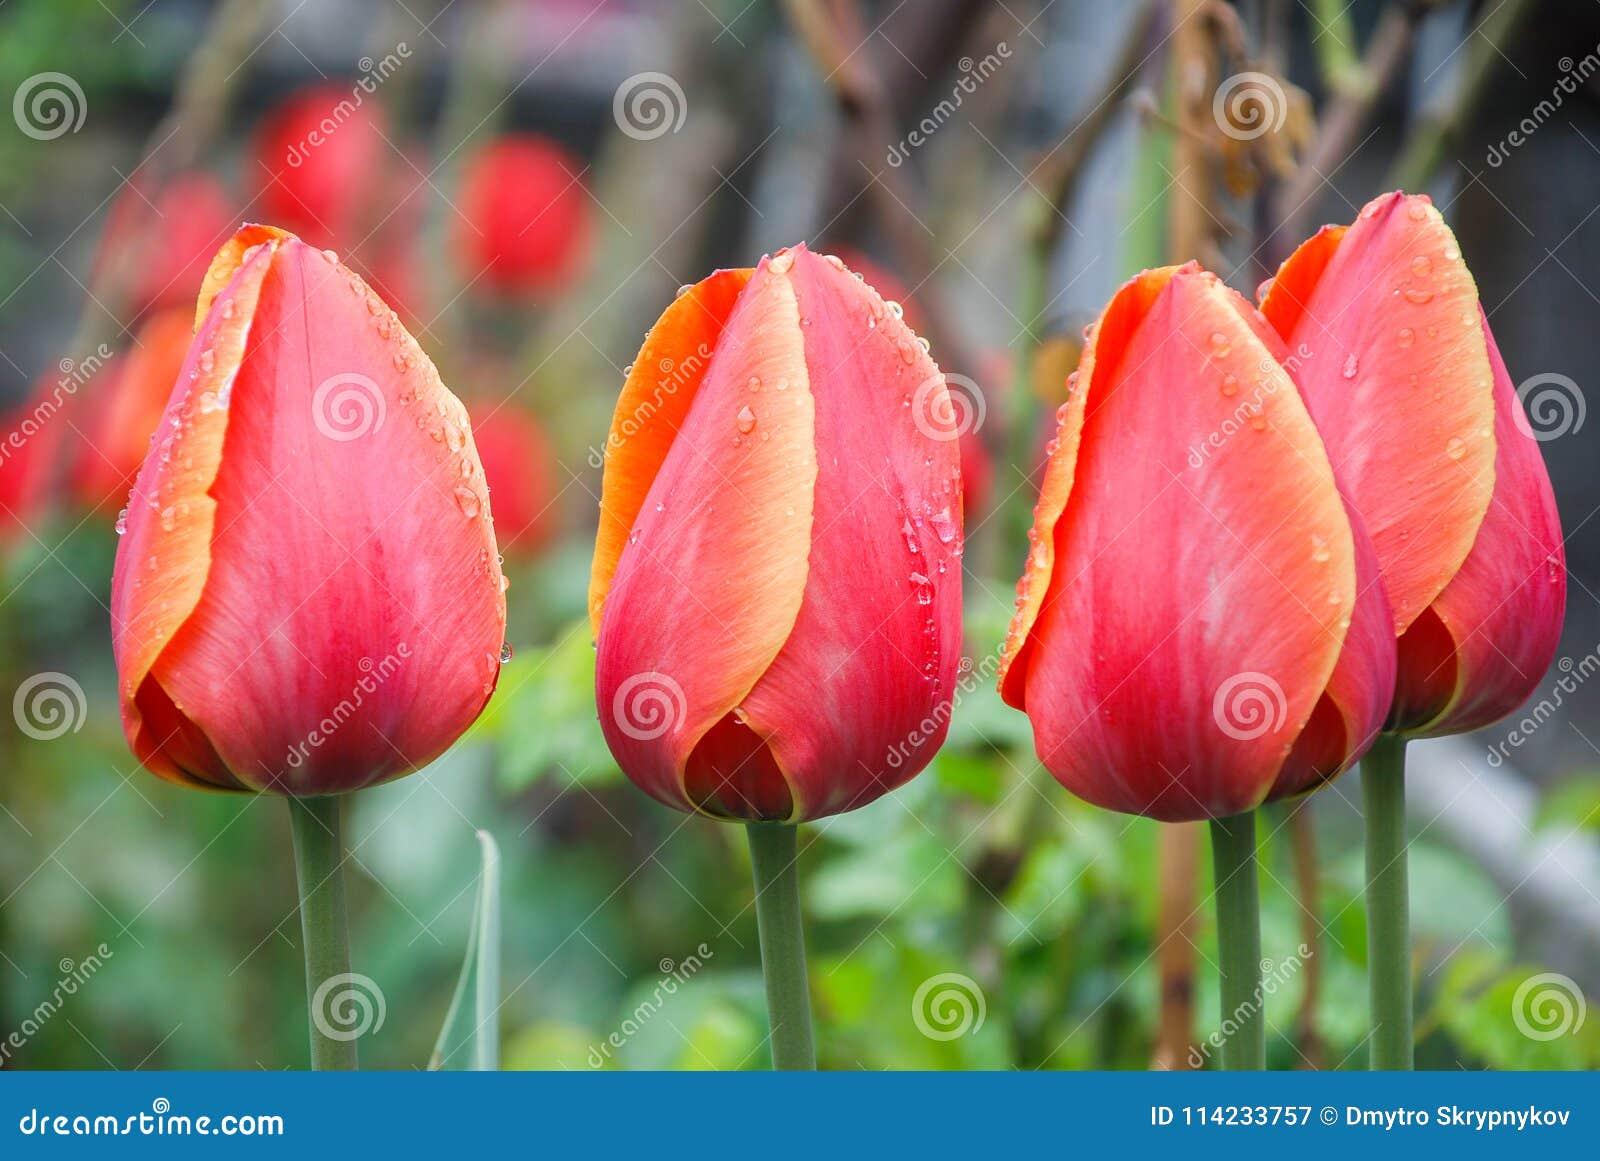 在绿色背景的红色郁金香,叶子,水滴下